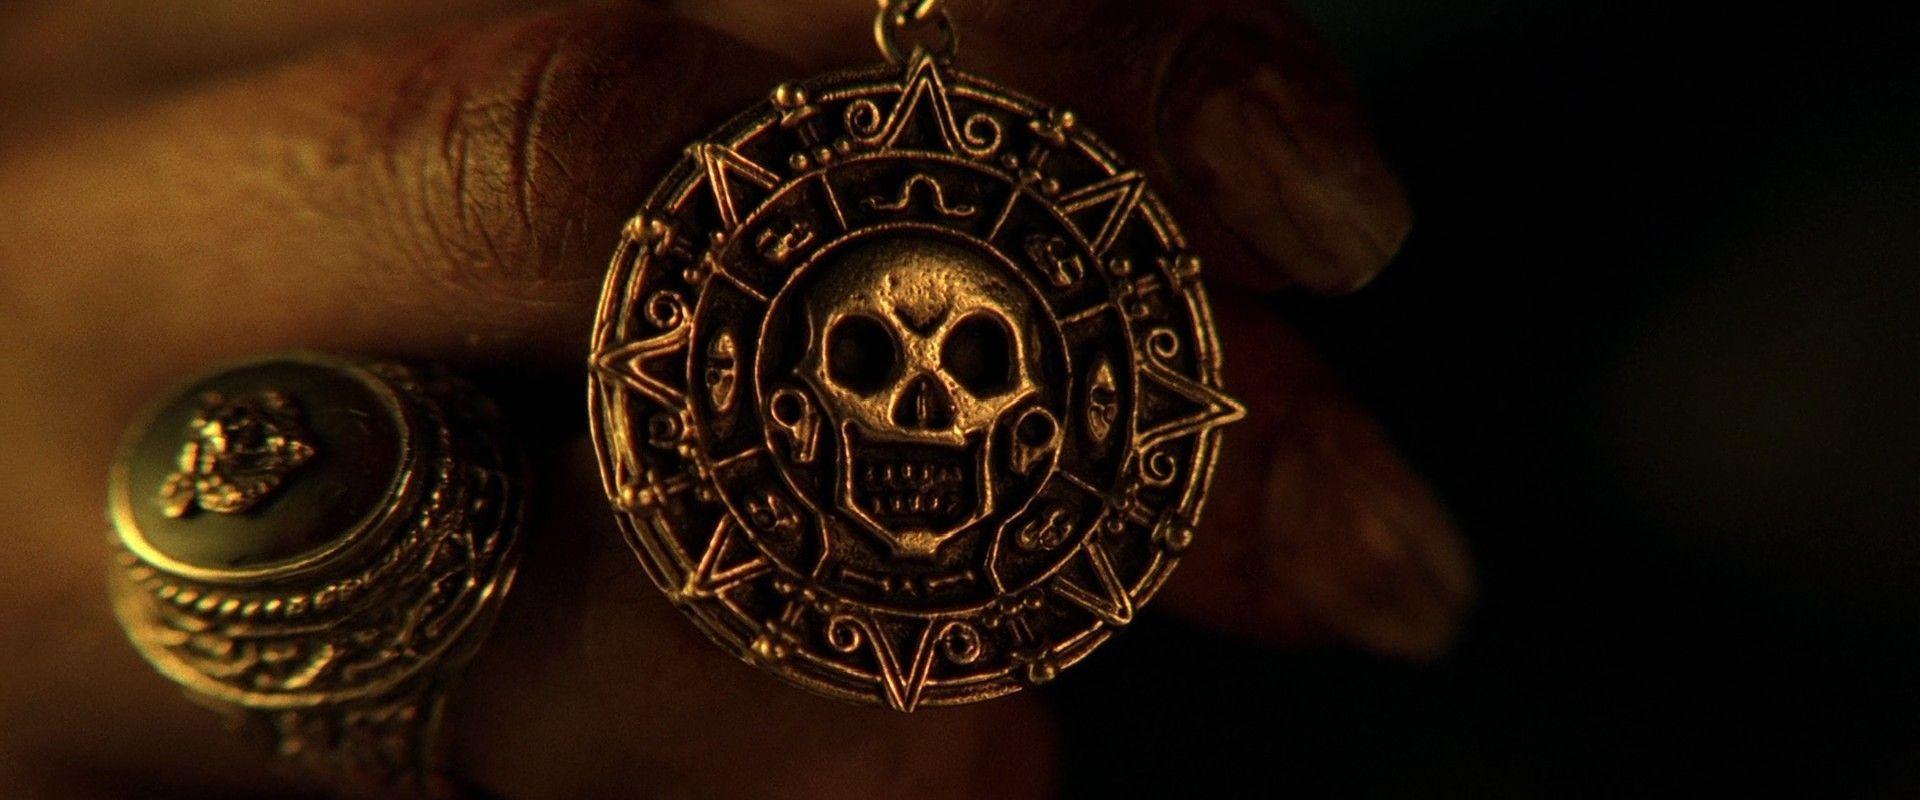 Elizabeth posee un medallón que finalmente llama a la Perla Negra. ¿Cómo ocurre?